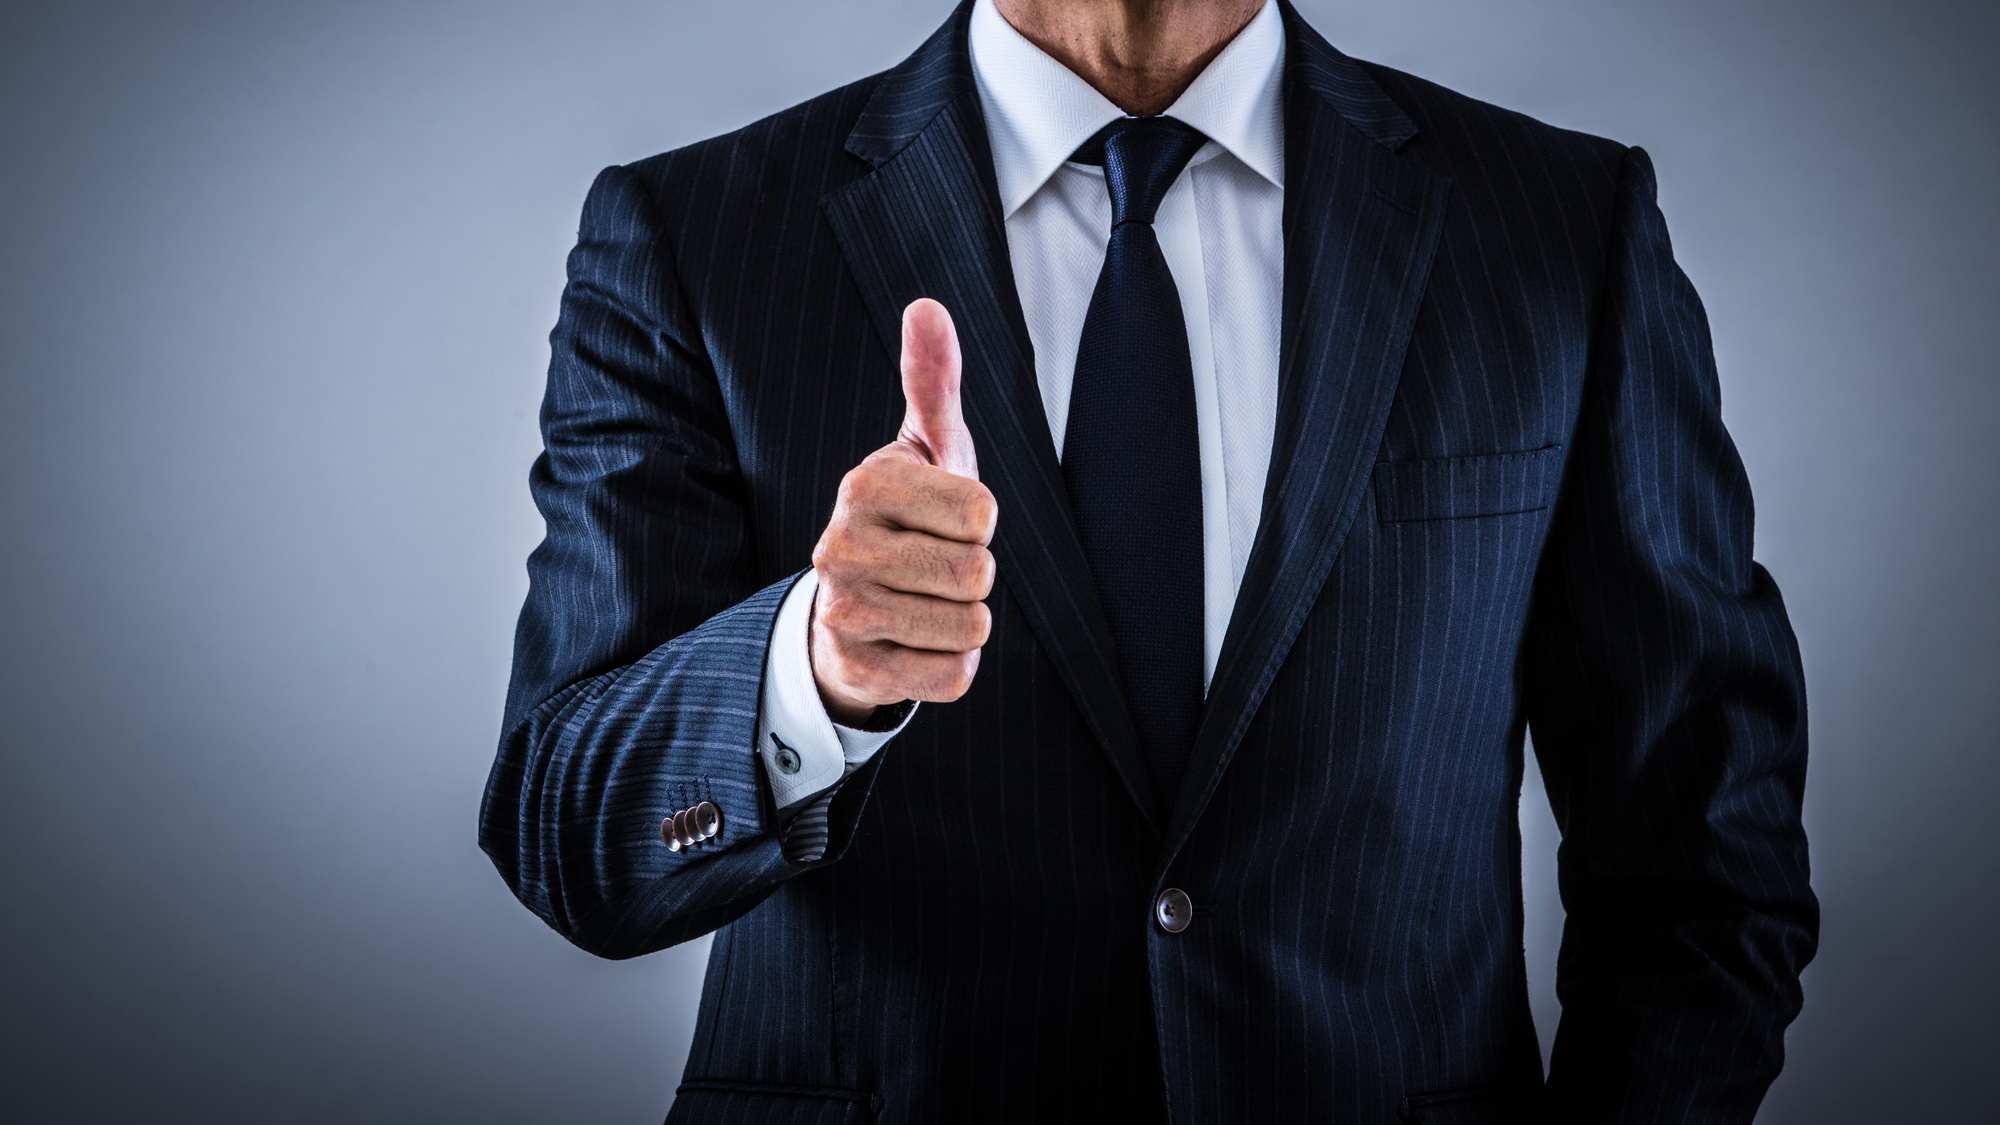 超一流と「普通の人」の差は、成功の第一条件を知っていること